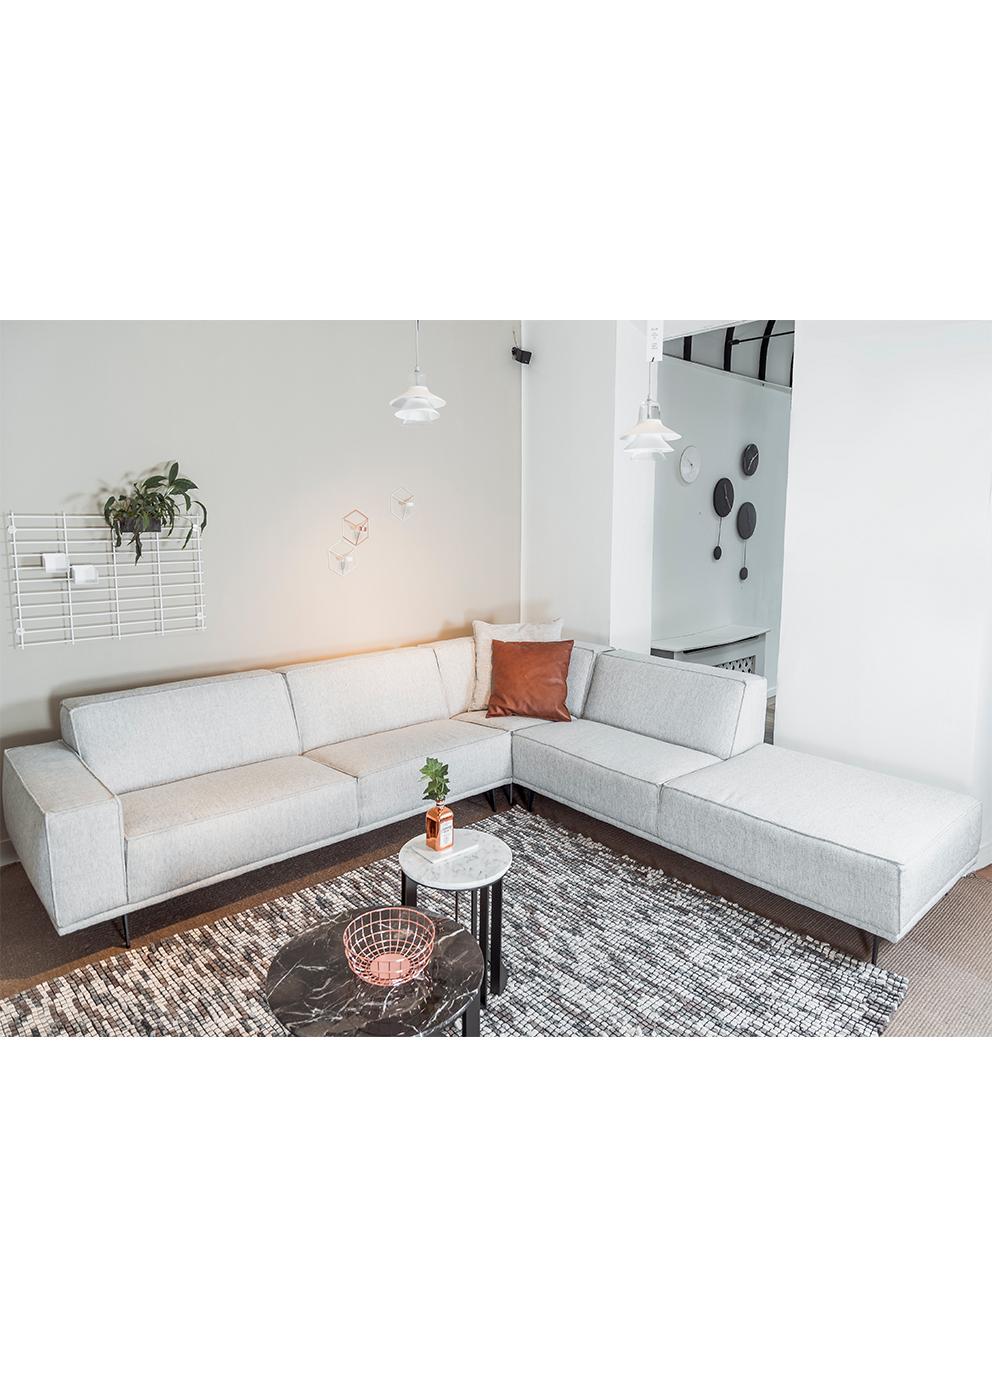 Evolution design meubelen argus sofa design hoekzetel for Design zetel